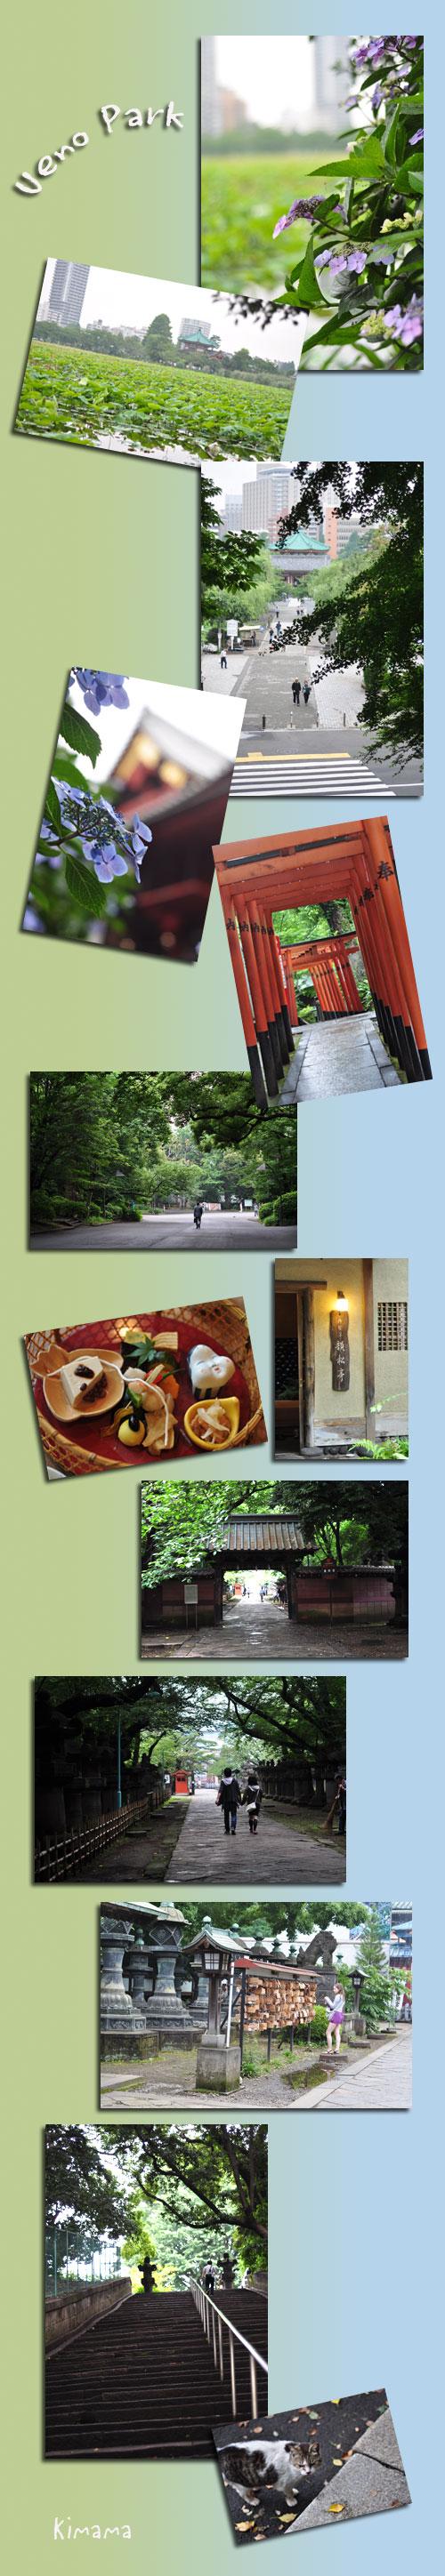 6月13日上野公園